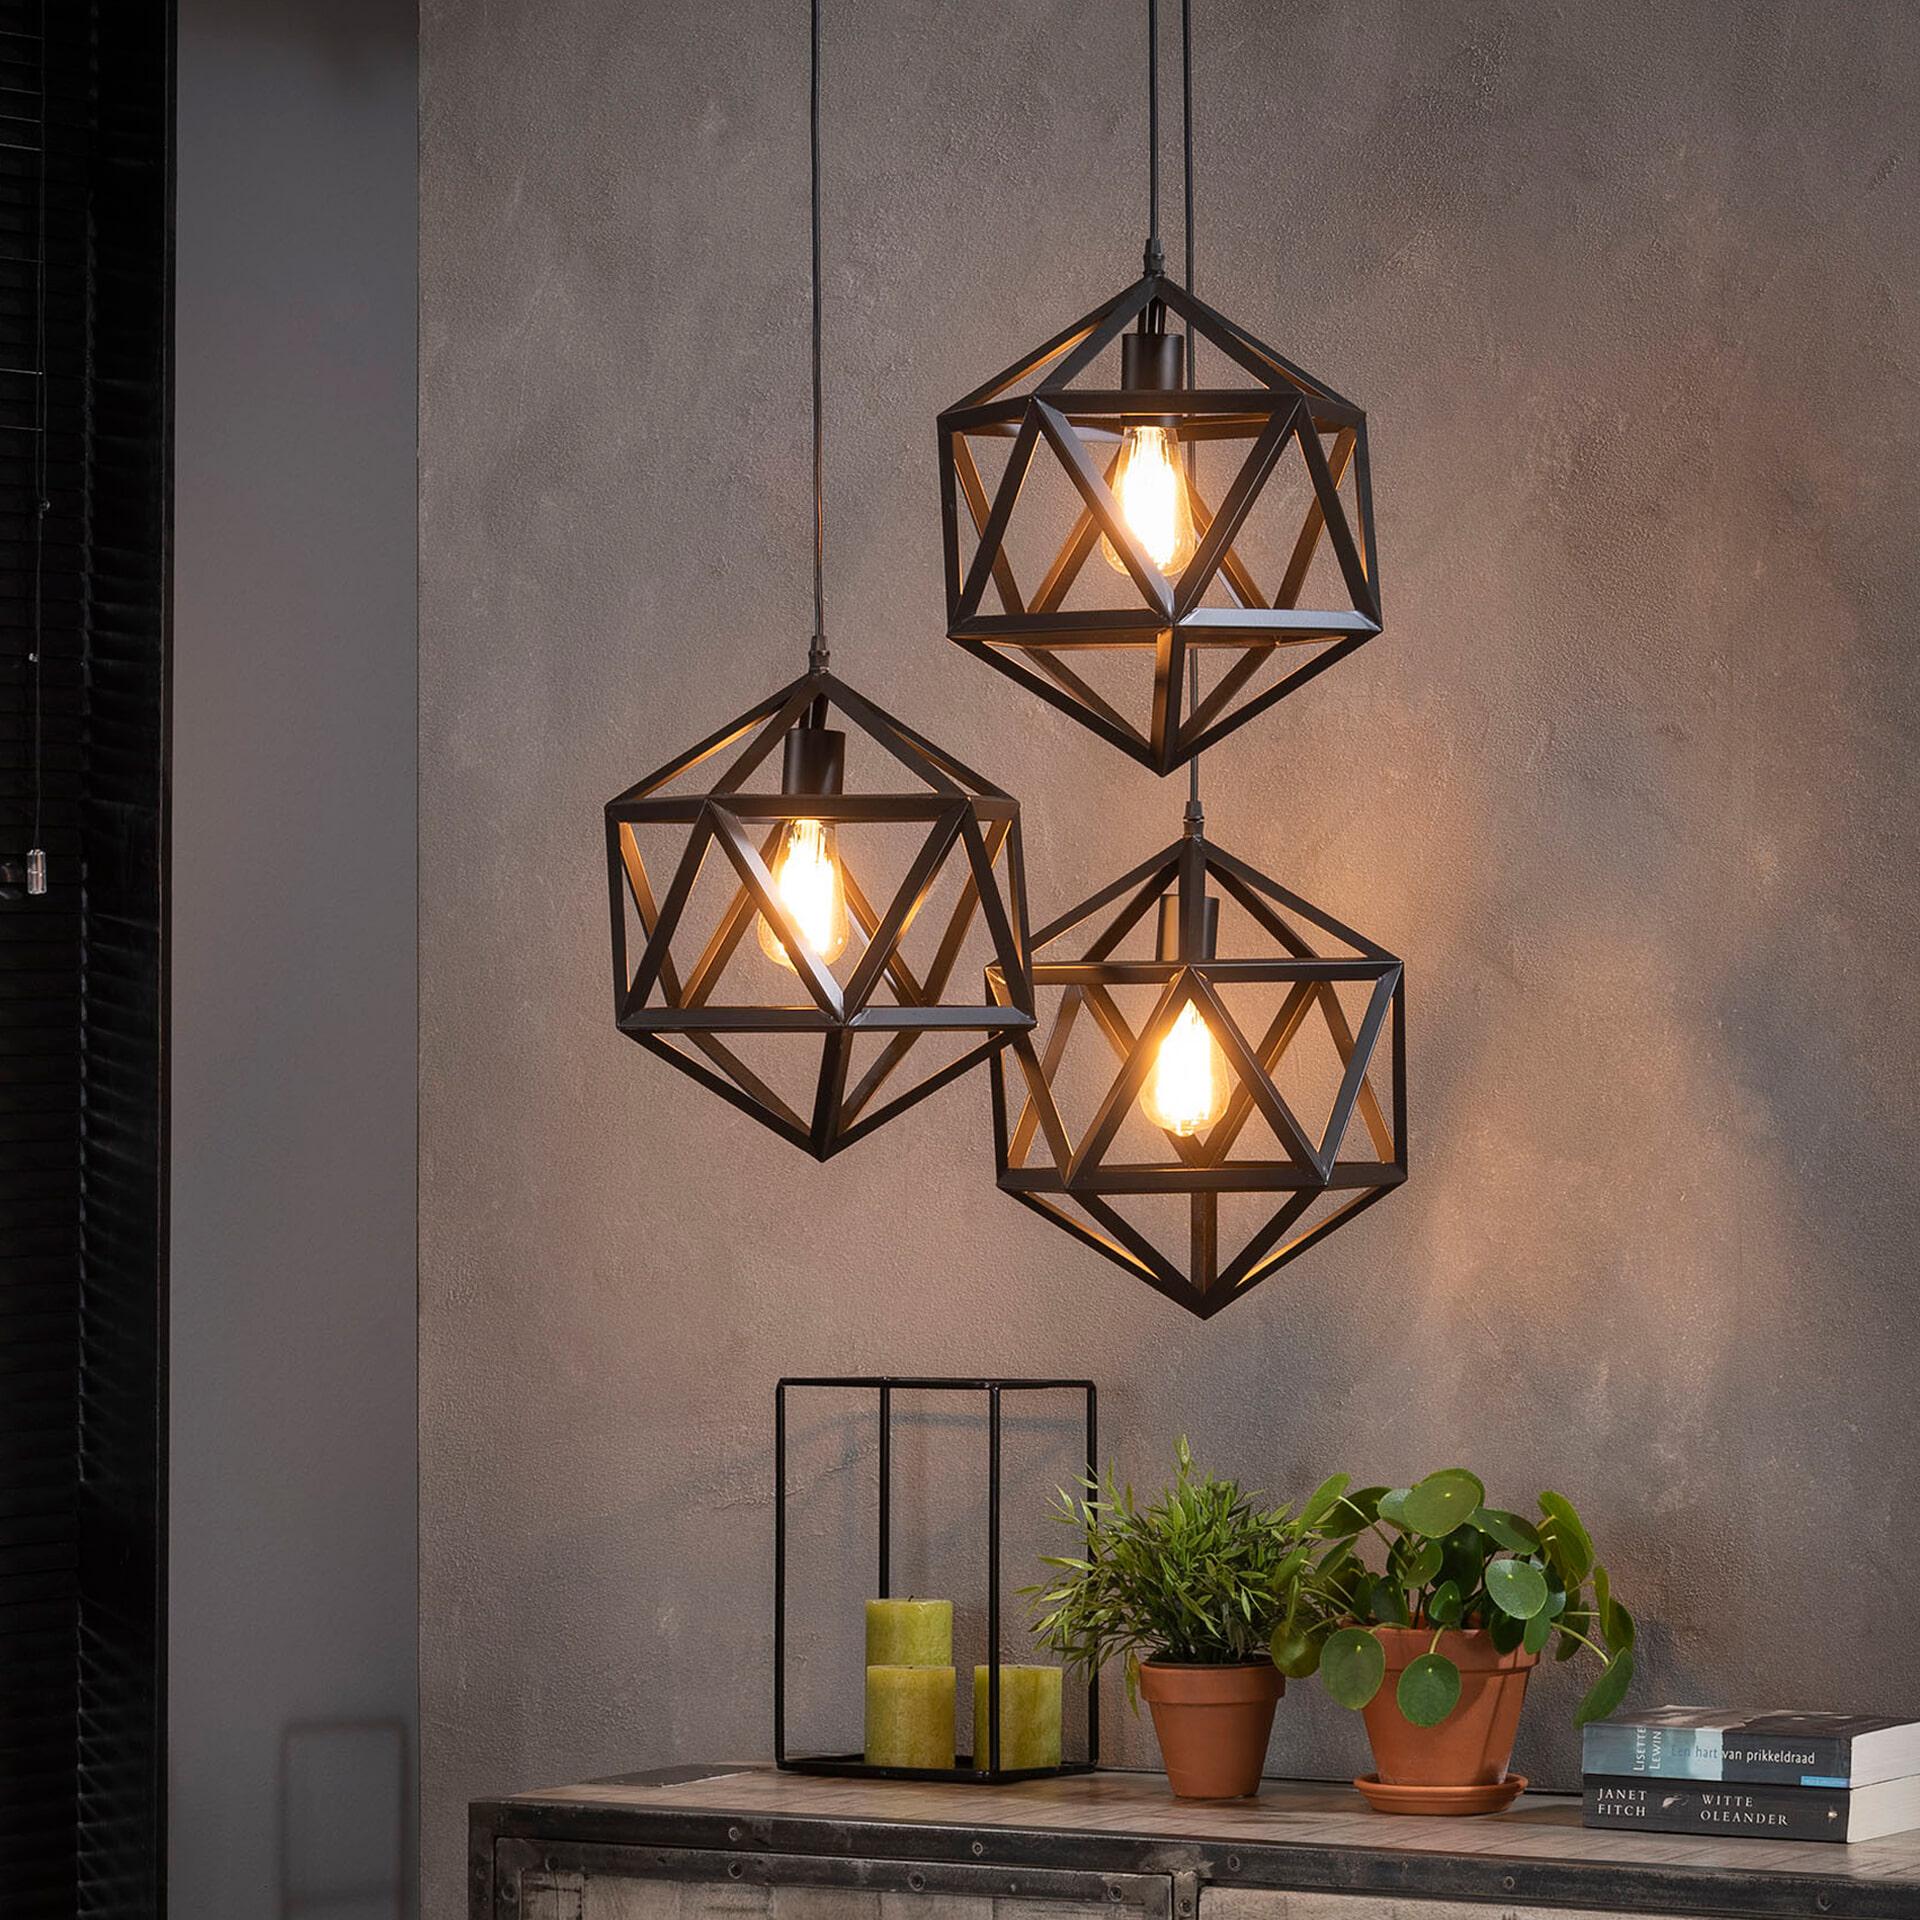 Hanglamp 'Sia' 3-lamps triangel, kleur zwart